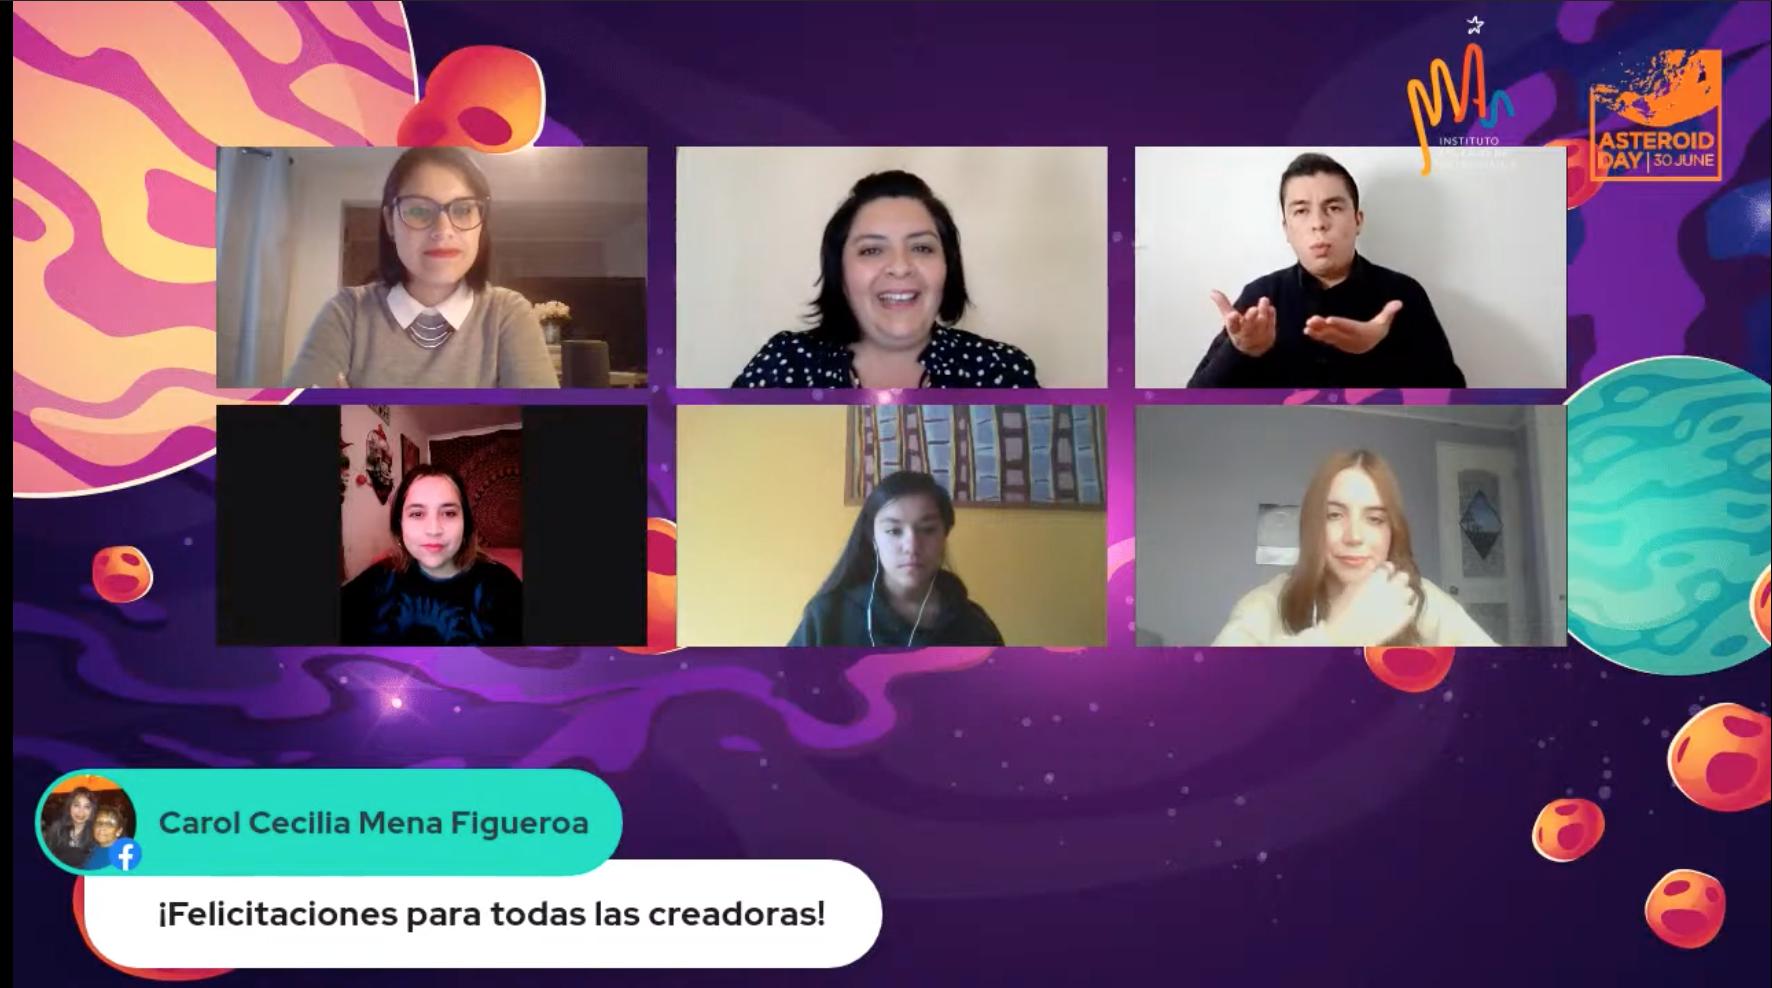 Pantallazo de las transmisiones del Día del Asteroide 2021. En la imagen se pueden ver 5 personas más el intérprete de lengua de señas chilena.